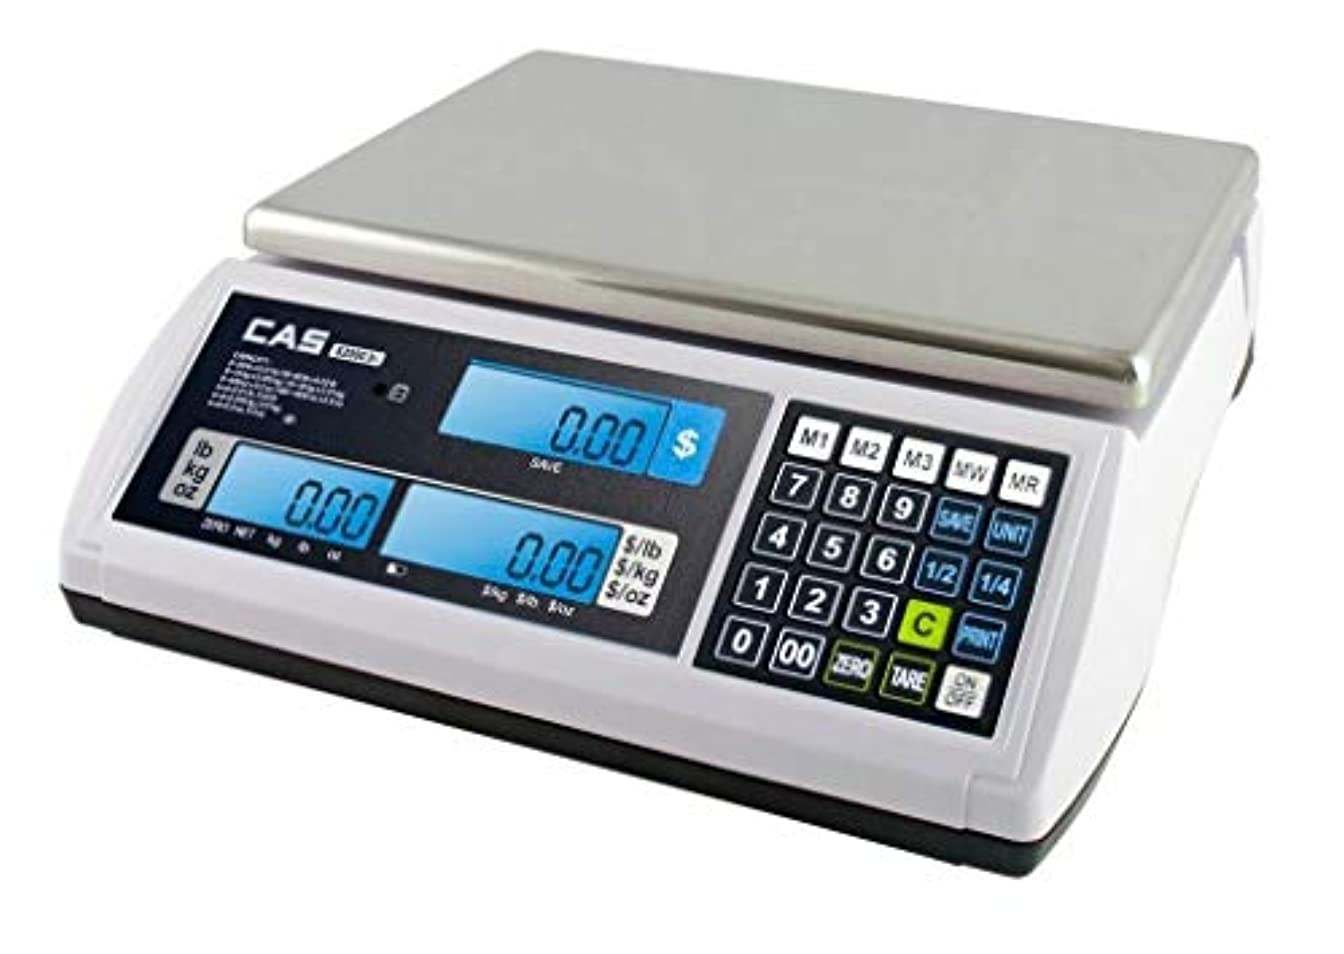 診断する住居努力するCAS S-2000 Jr Price Computing Scale with LCD Display 60 lbs by CAS